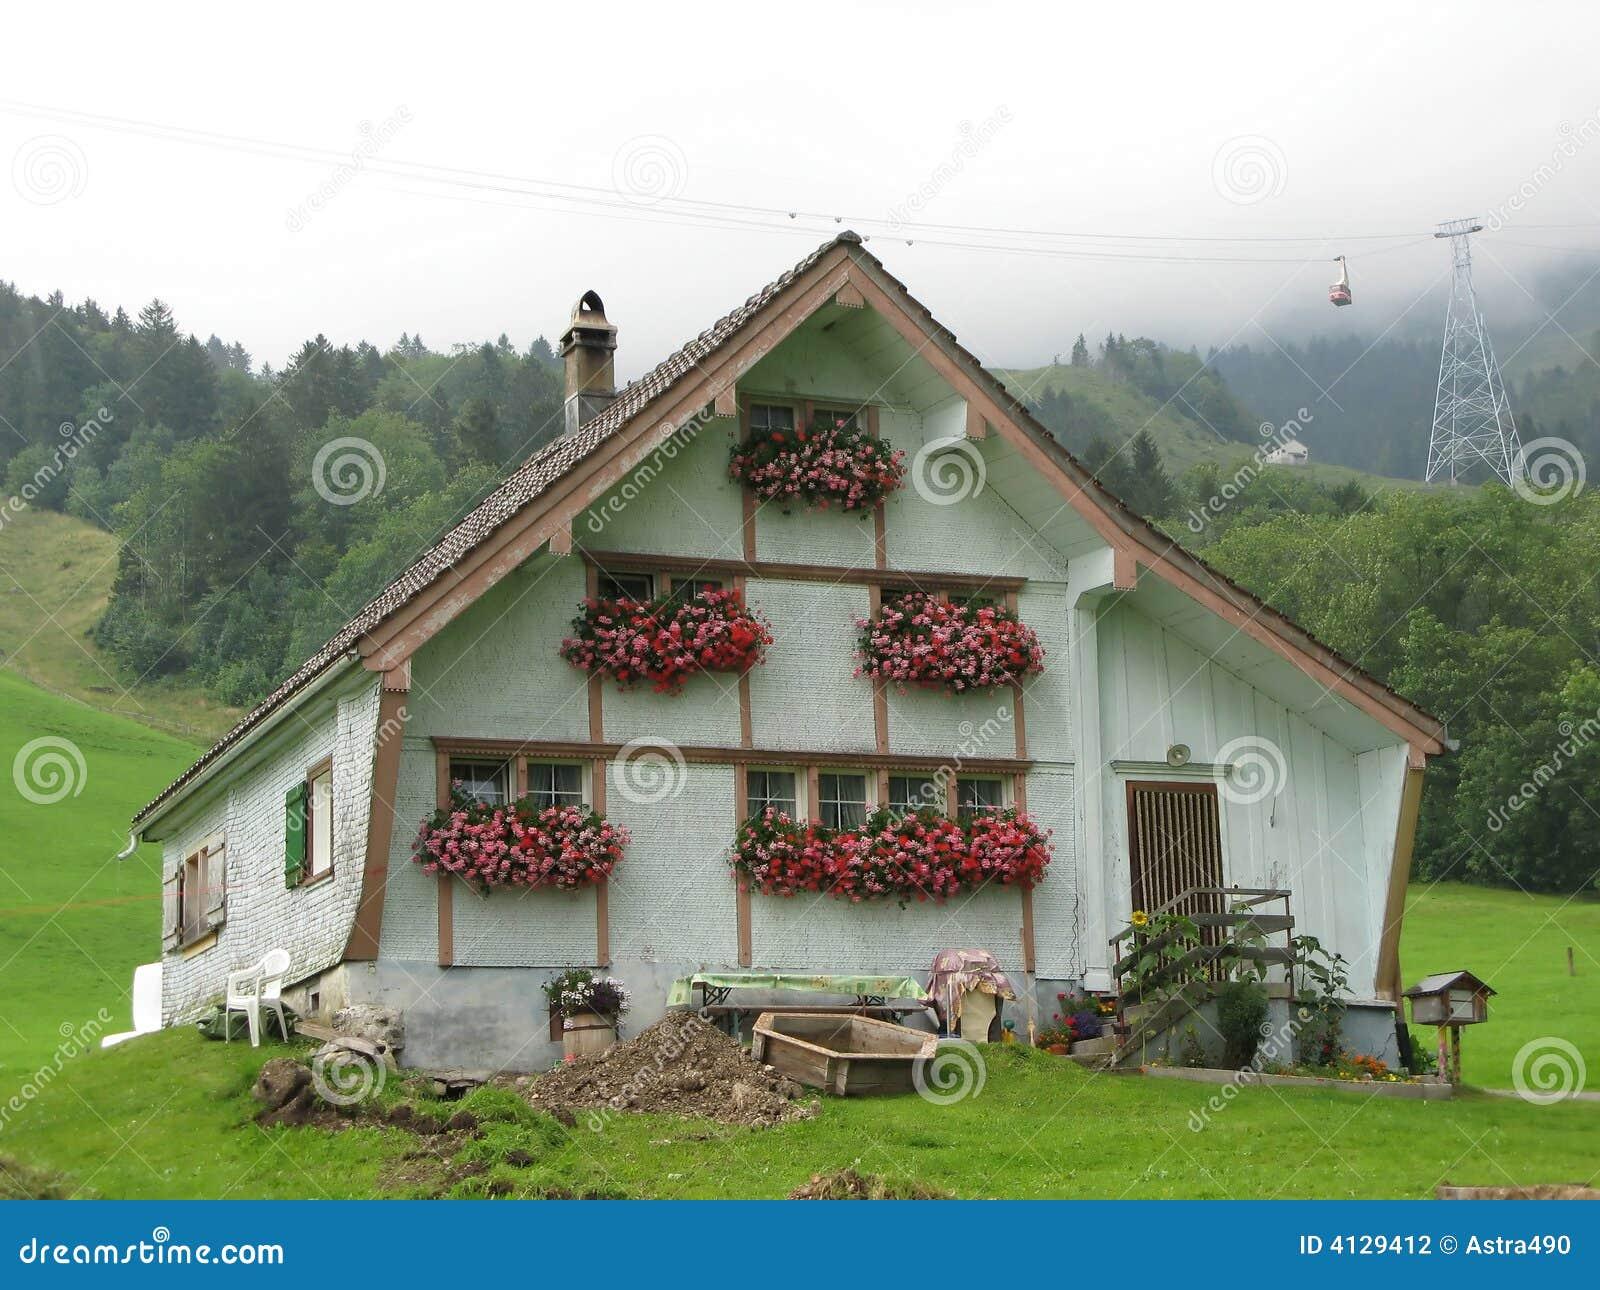 Basilea suiza turismo mapa for Casa rural mansion terraplen seis